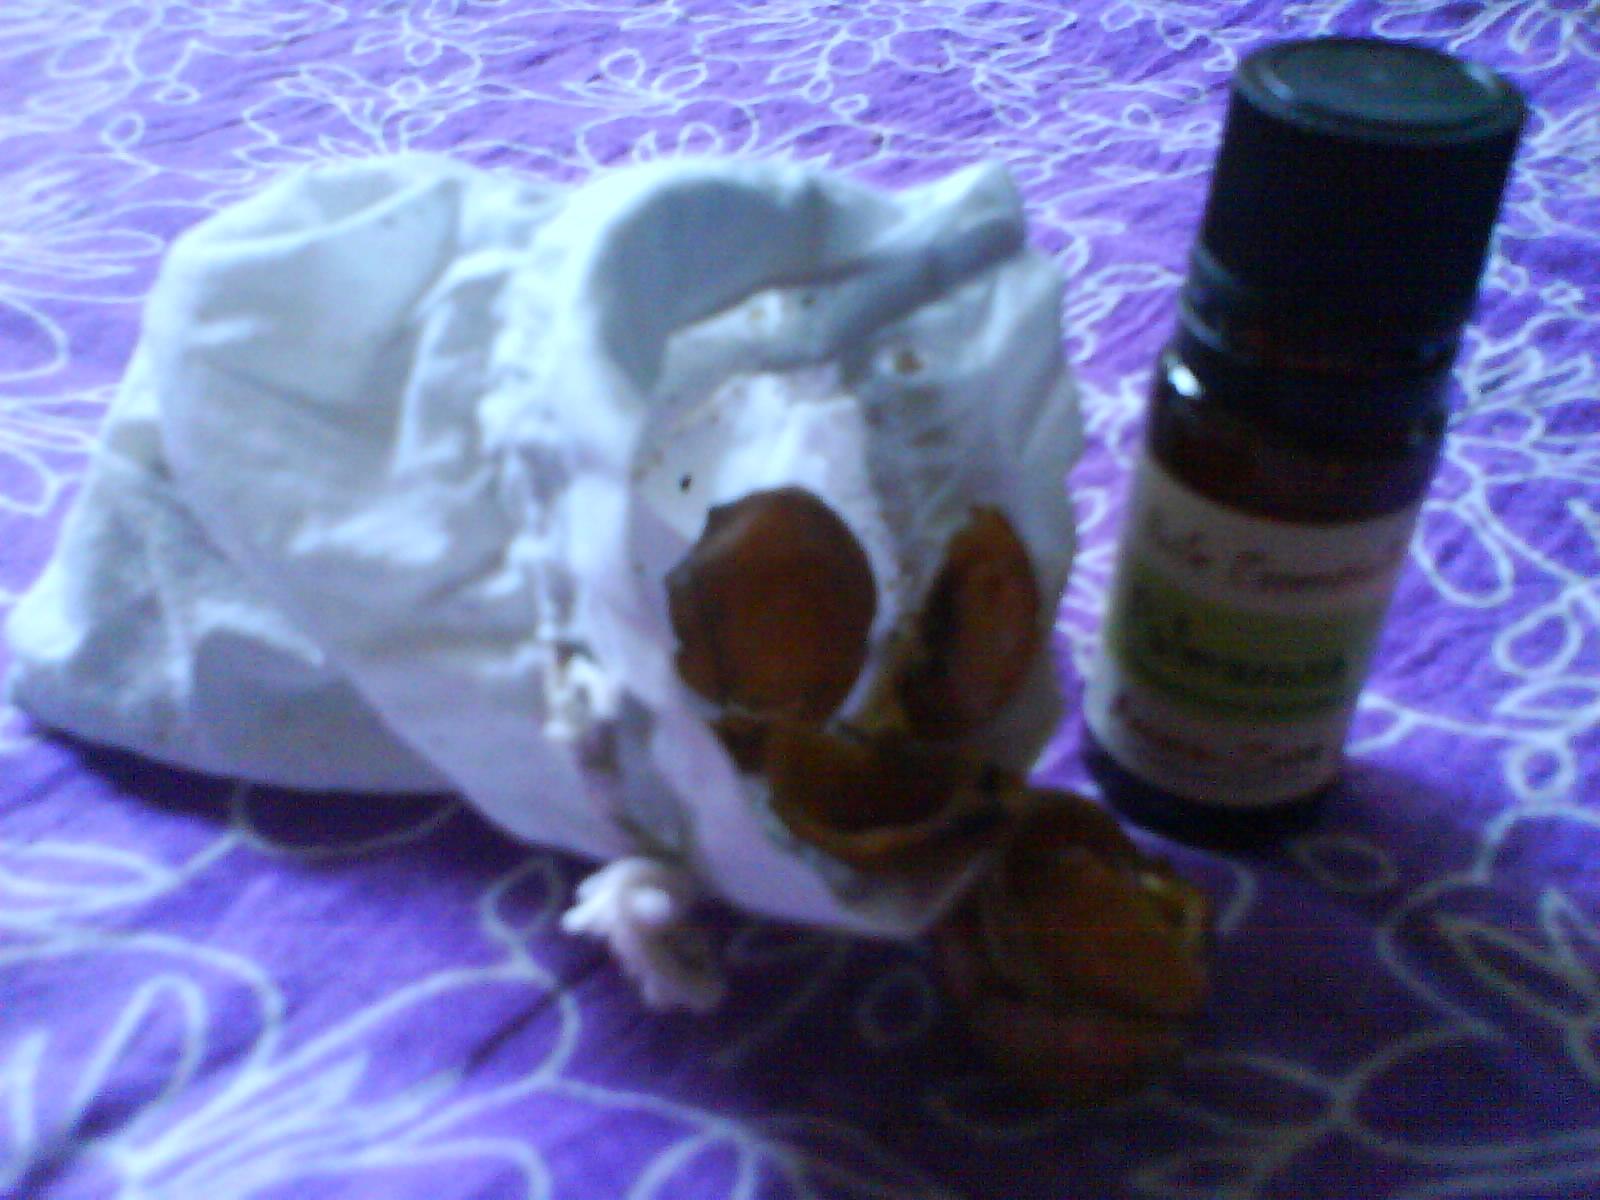 sachet et huile essentielle